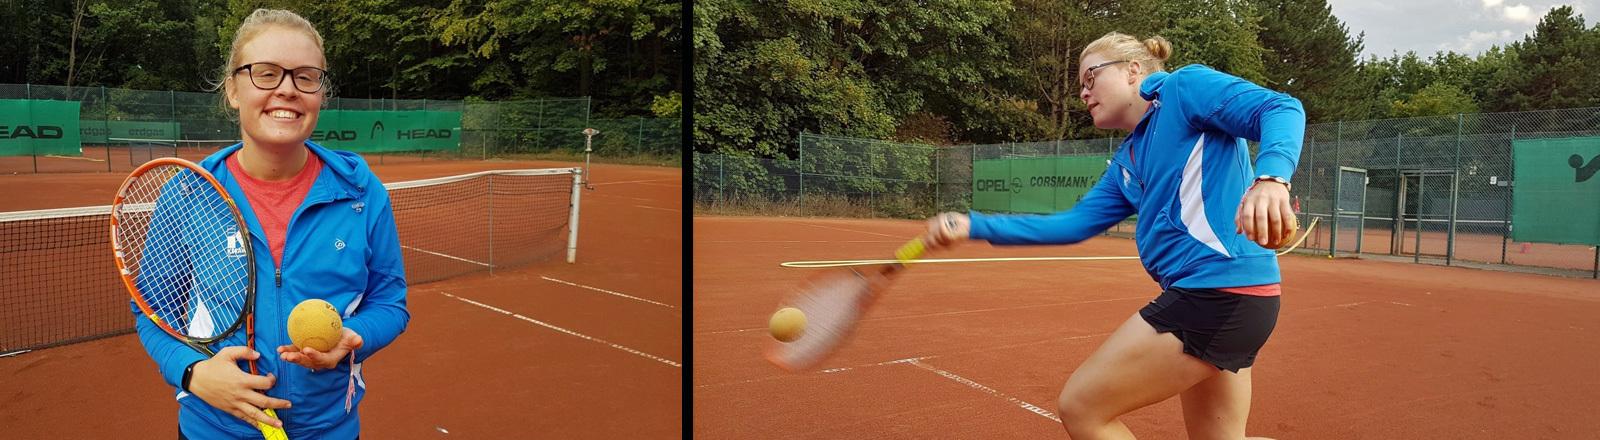 Blinden-Tennis-Spielerin Charlotte Schwagmeier beim Training.